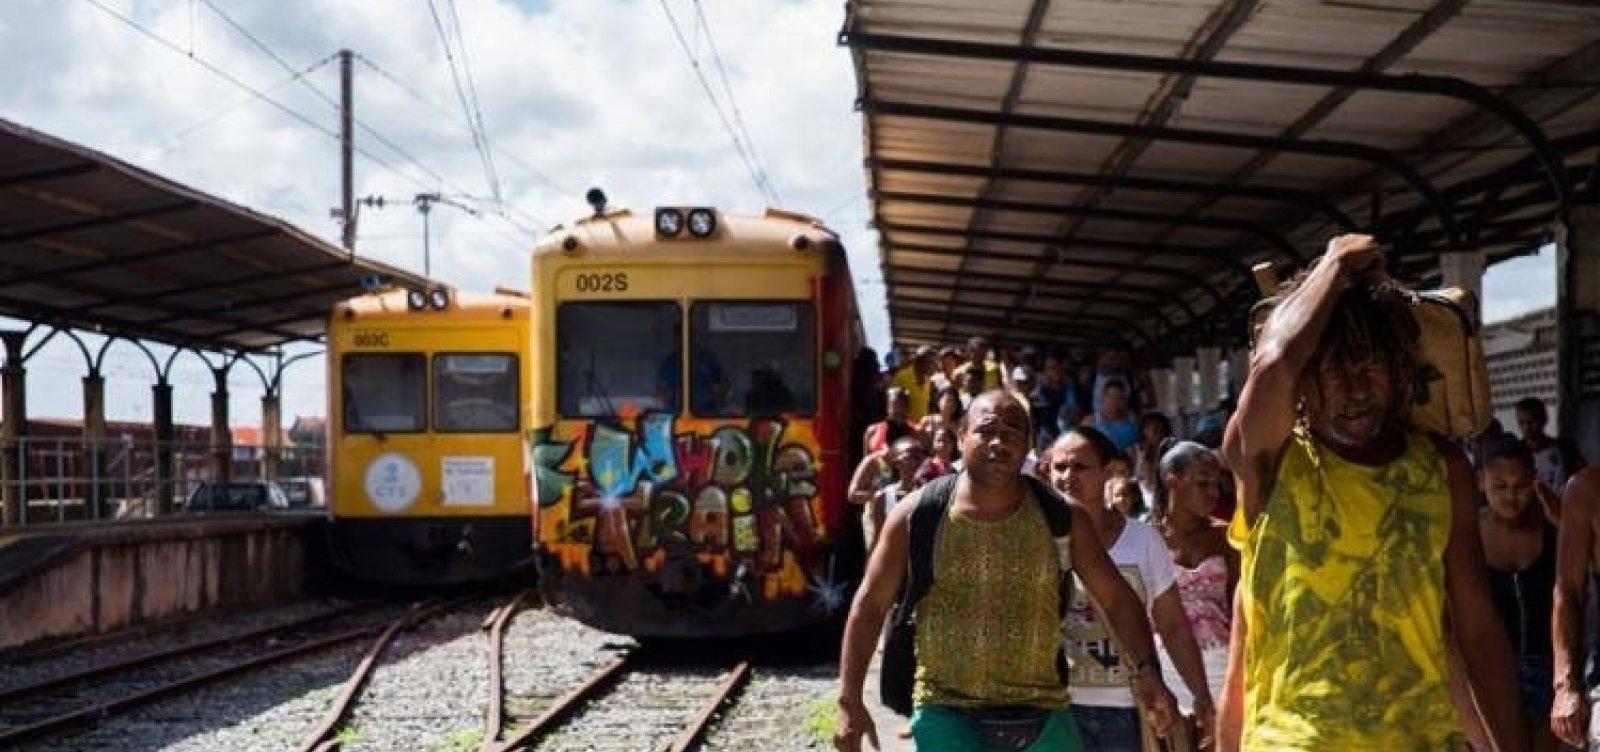 Funcionamento dos trens do Subúrbio fica suspenso após acidente e manutenção